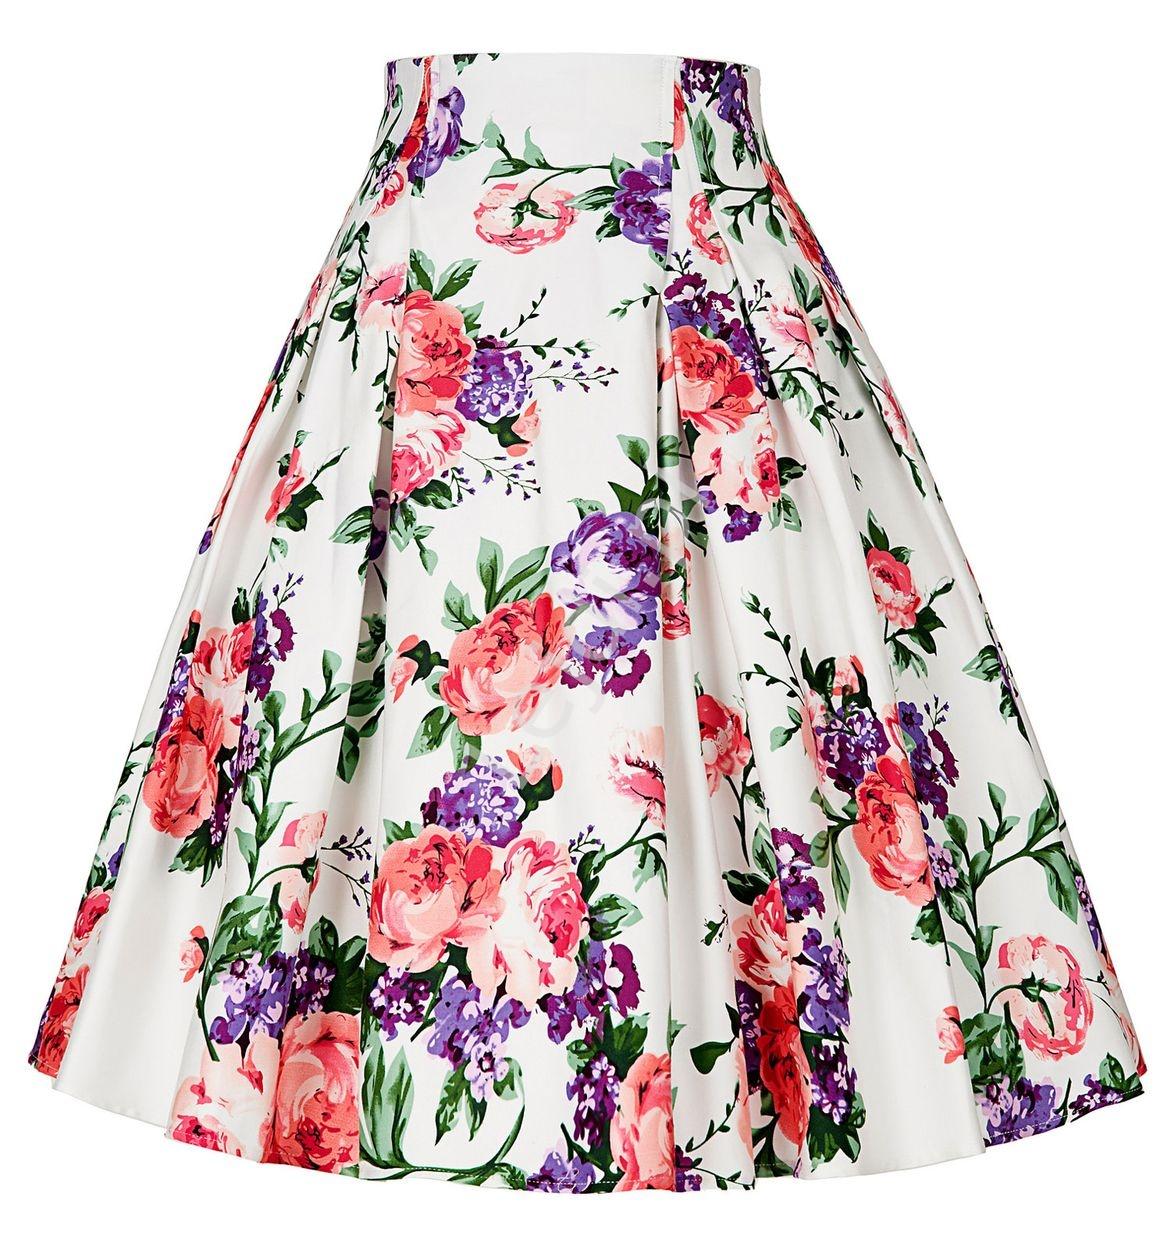 Spódnica w kolorowe kwiaty | rozkloszowana spódnica bawełniana - Lejdi